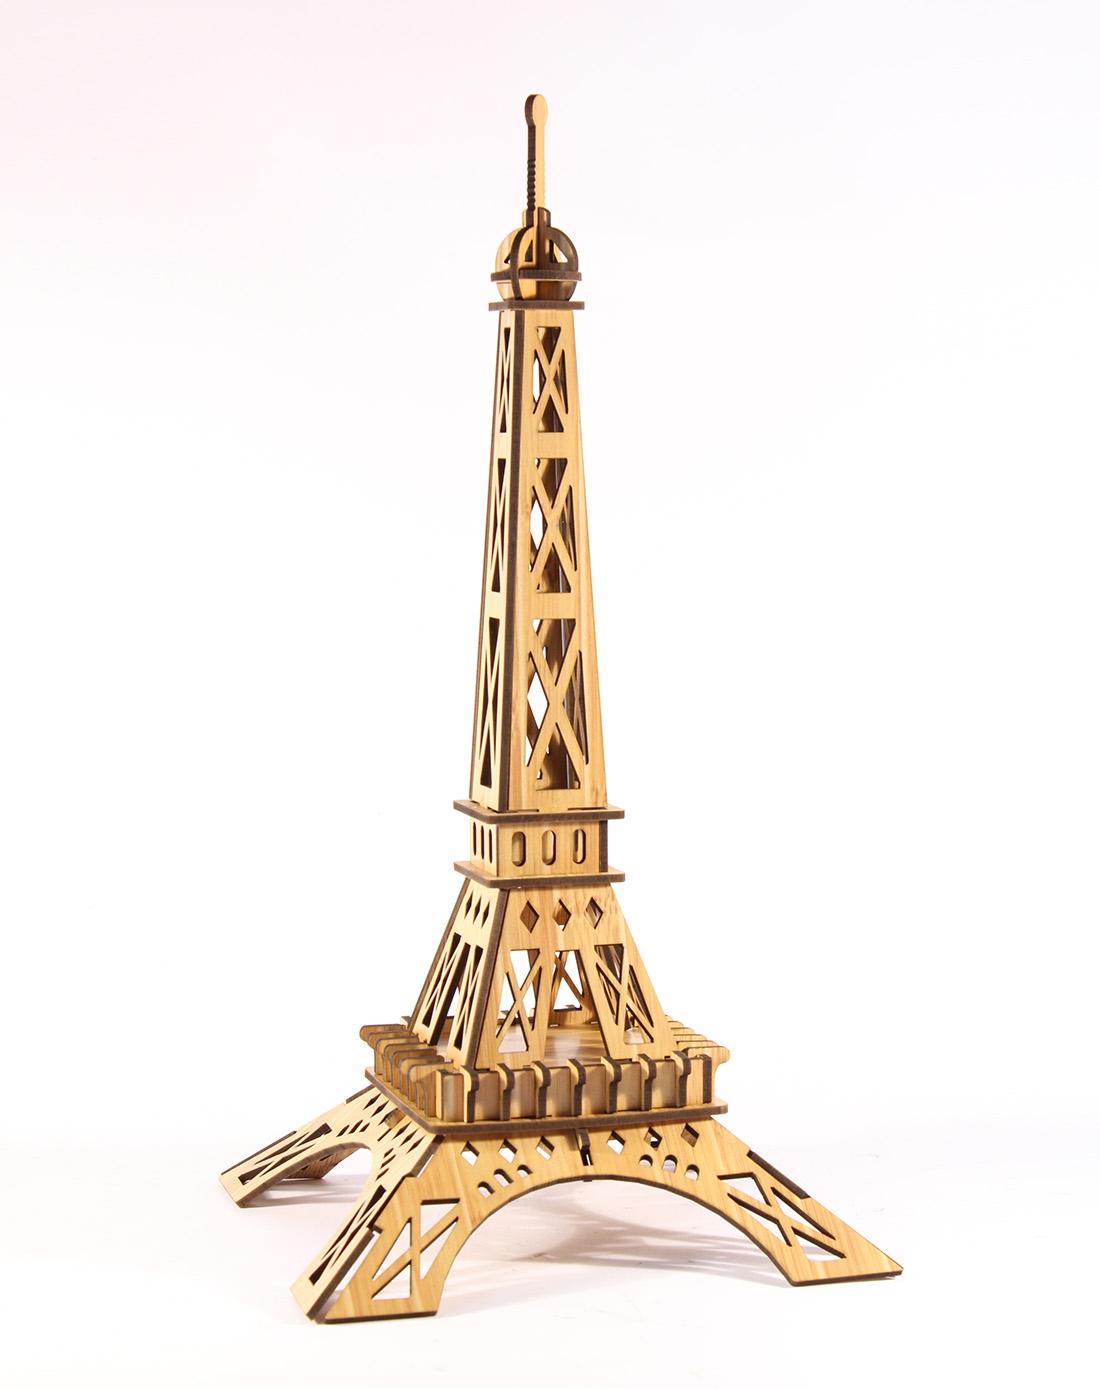 拼图法国巴黎铁塔